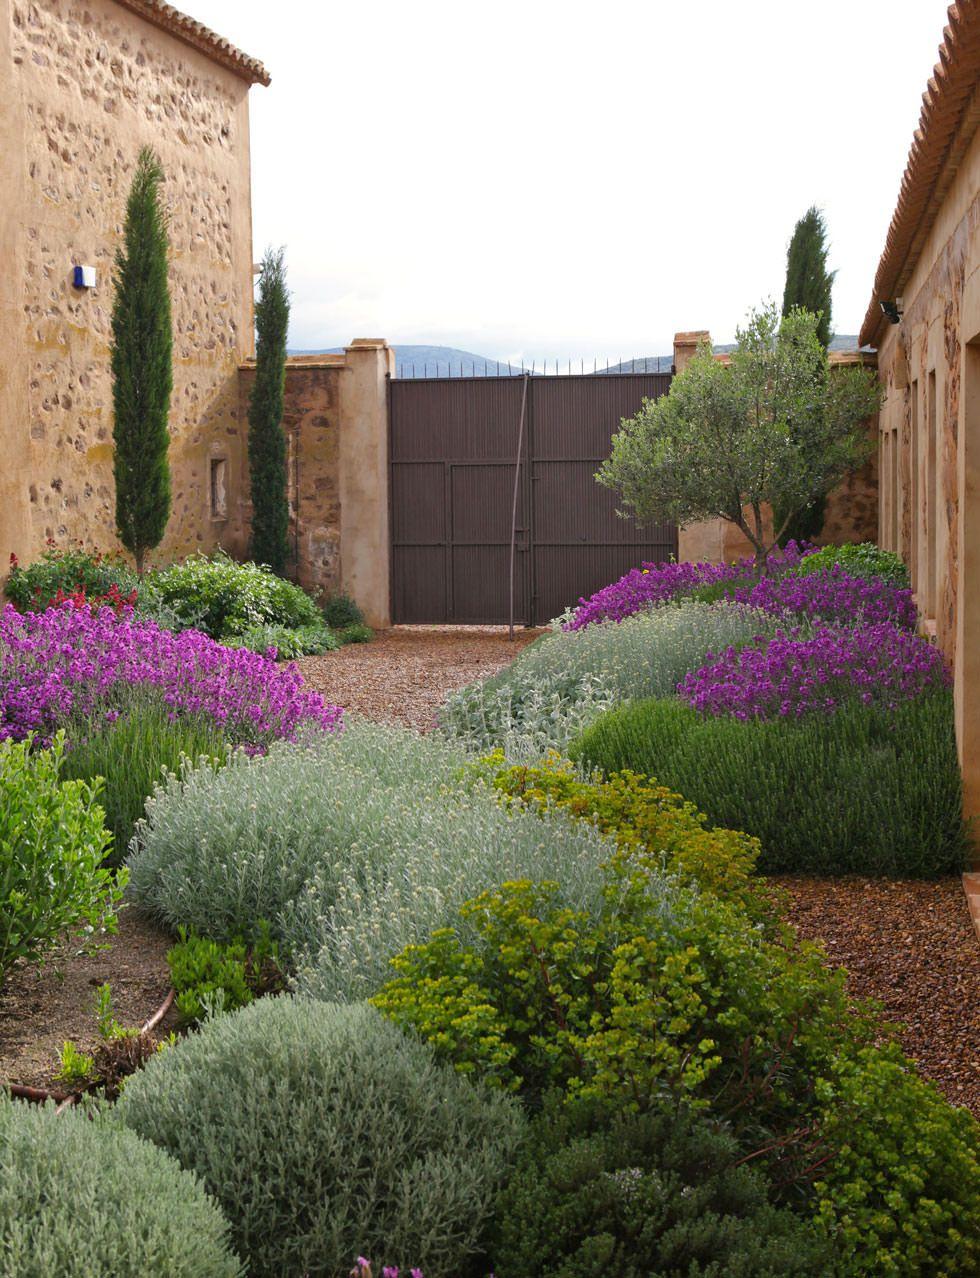 Progettare Un Giardino In Campagna giardino rustico • guida & 25 idee per un giardino ricco di